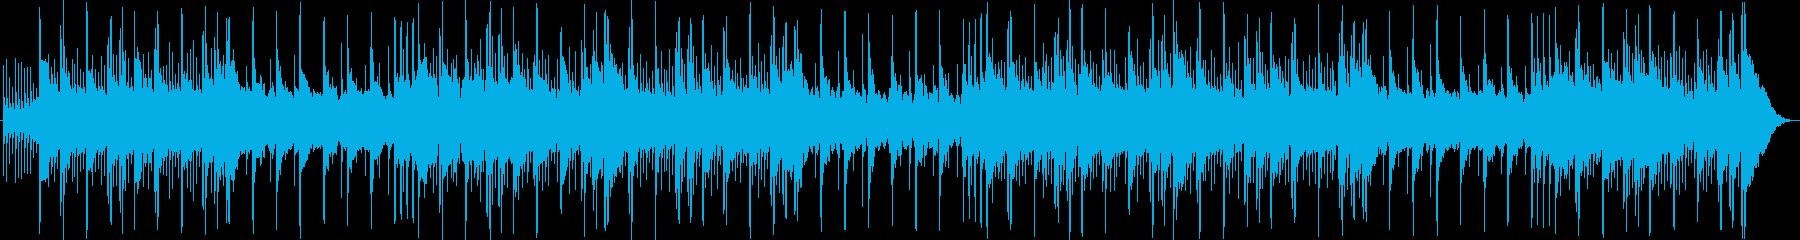 シンセサイザーパッドとシンバルのう...の再生済みの波形